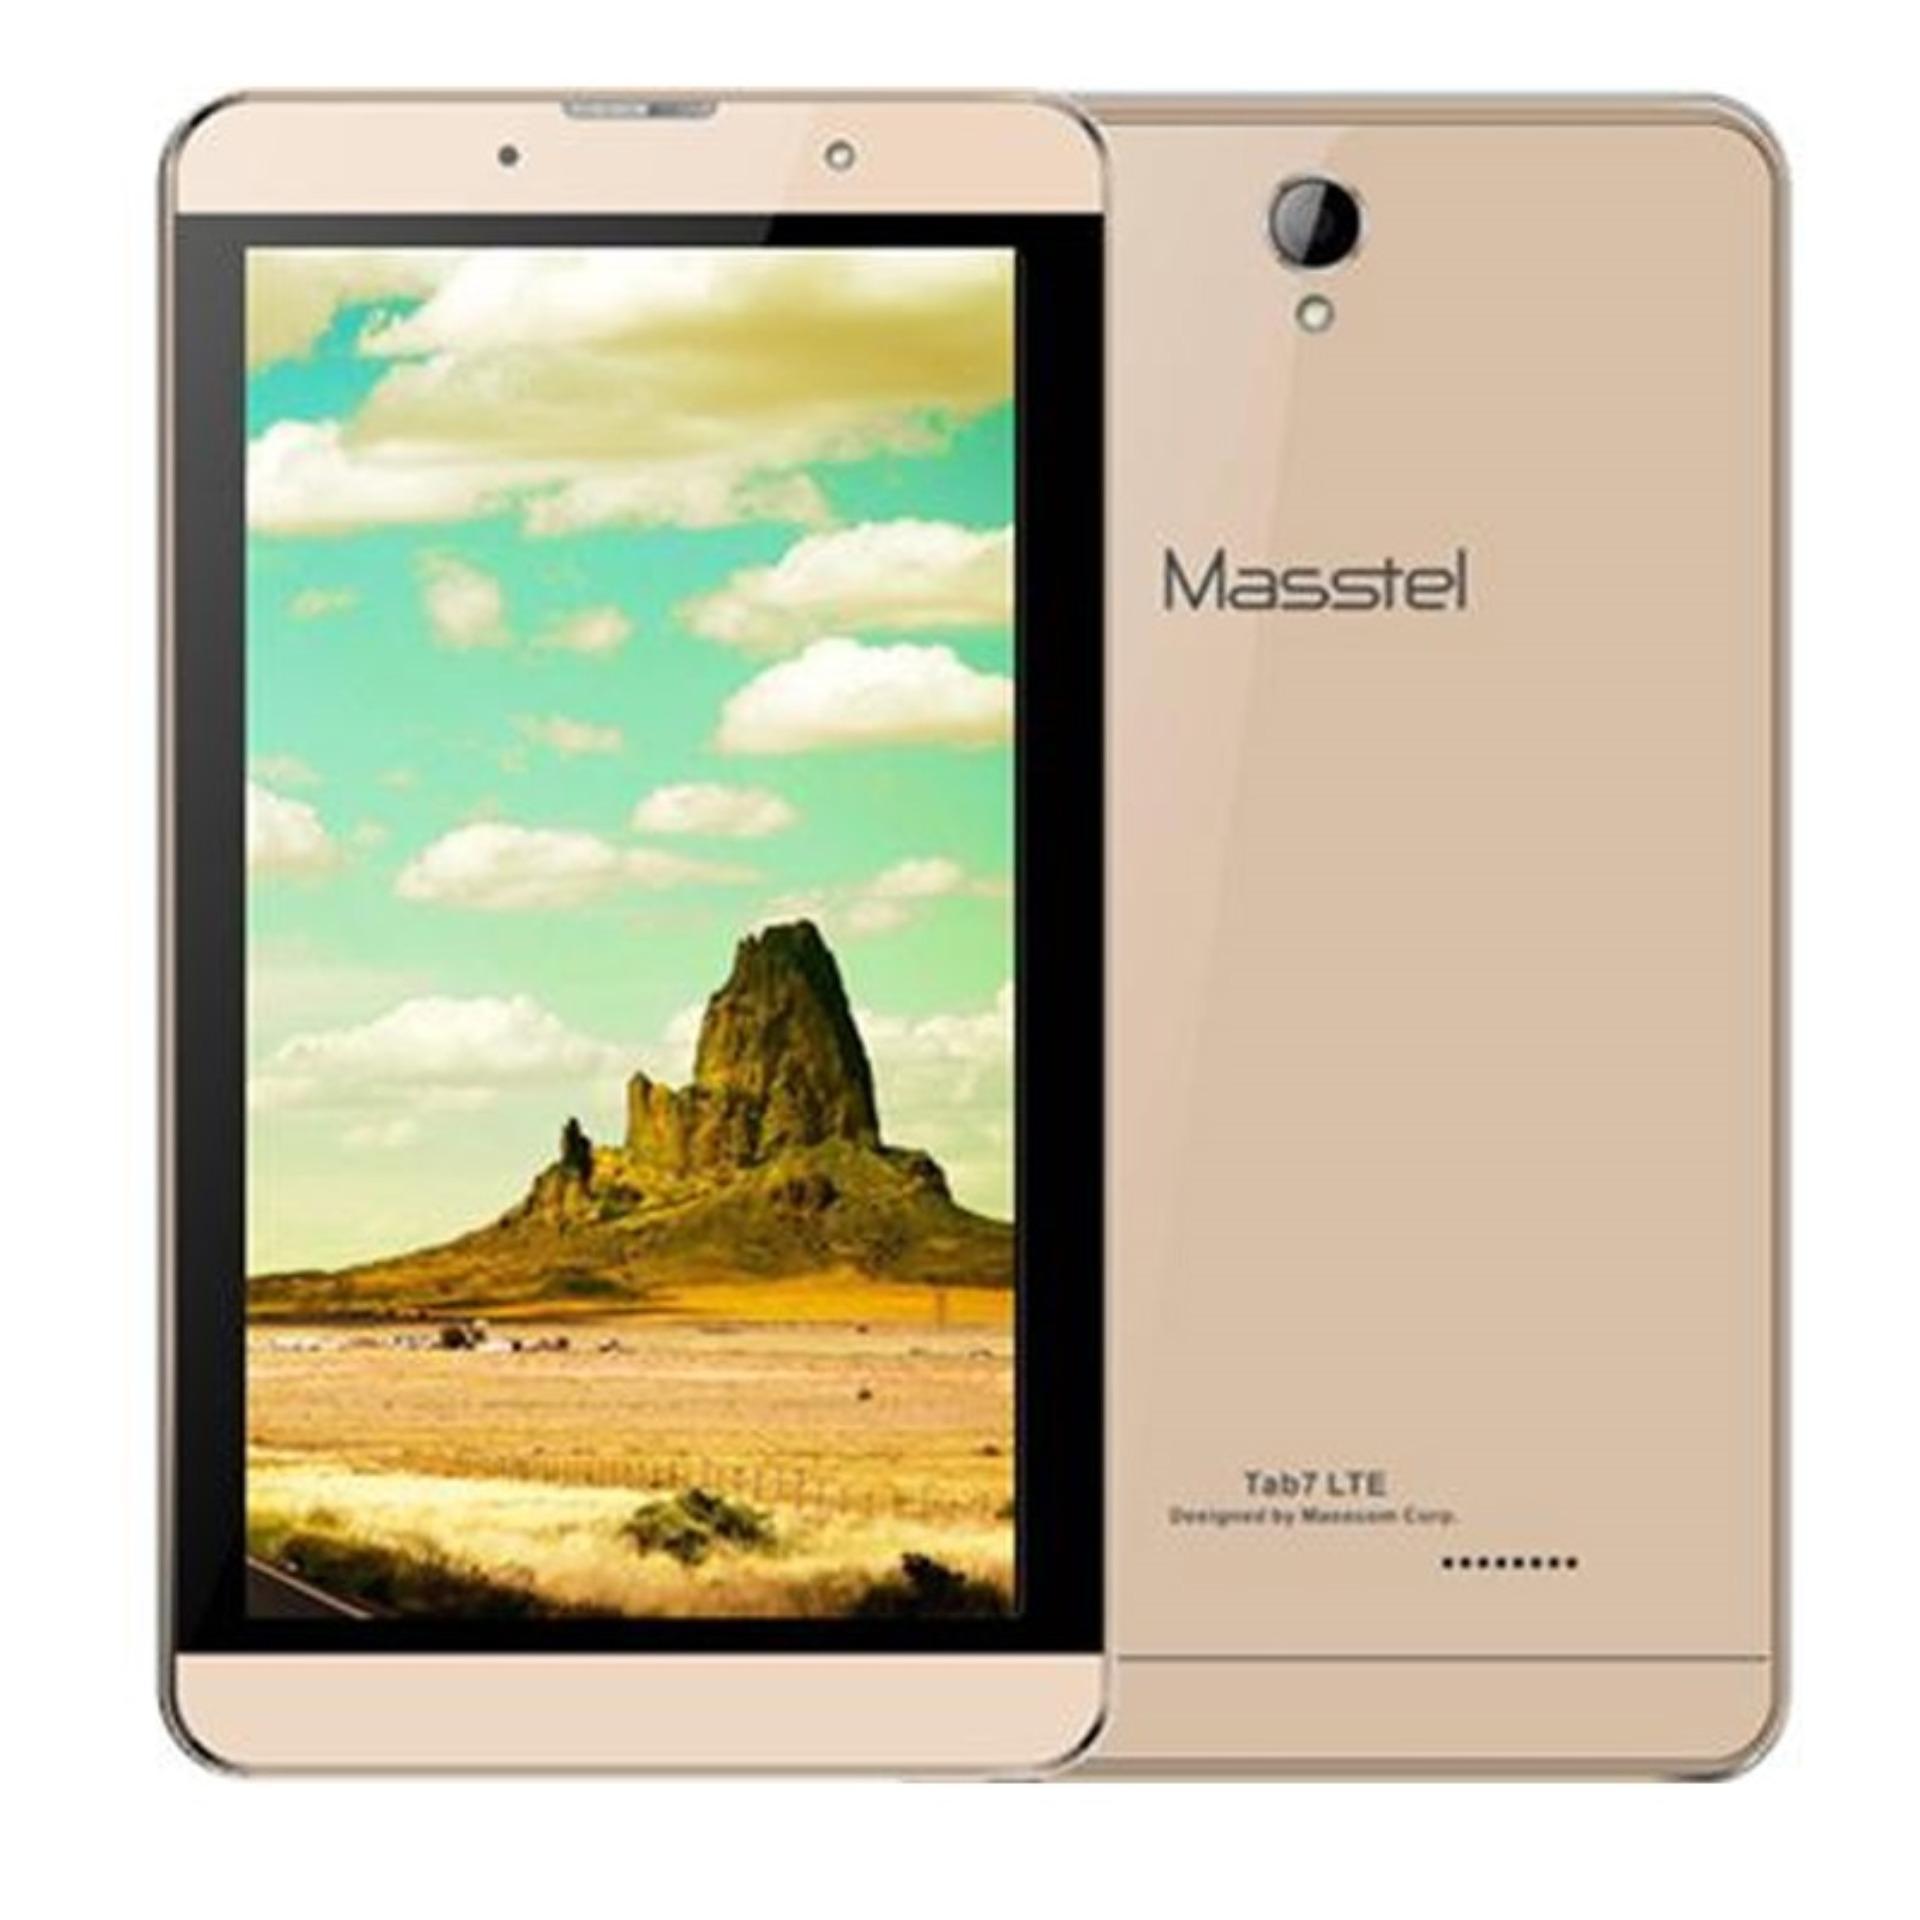 Cửa hàng bán Masstel Tab 7 LTE – Hãng Phân phối chính thức